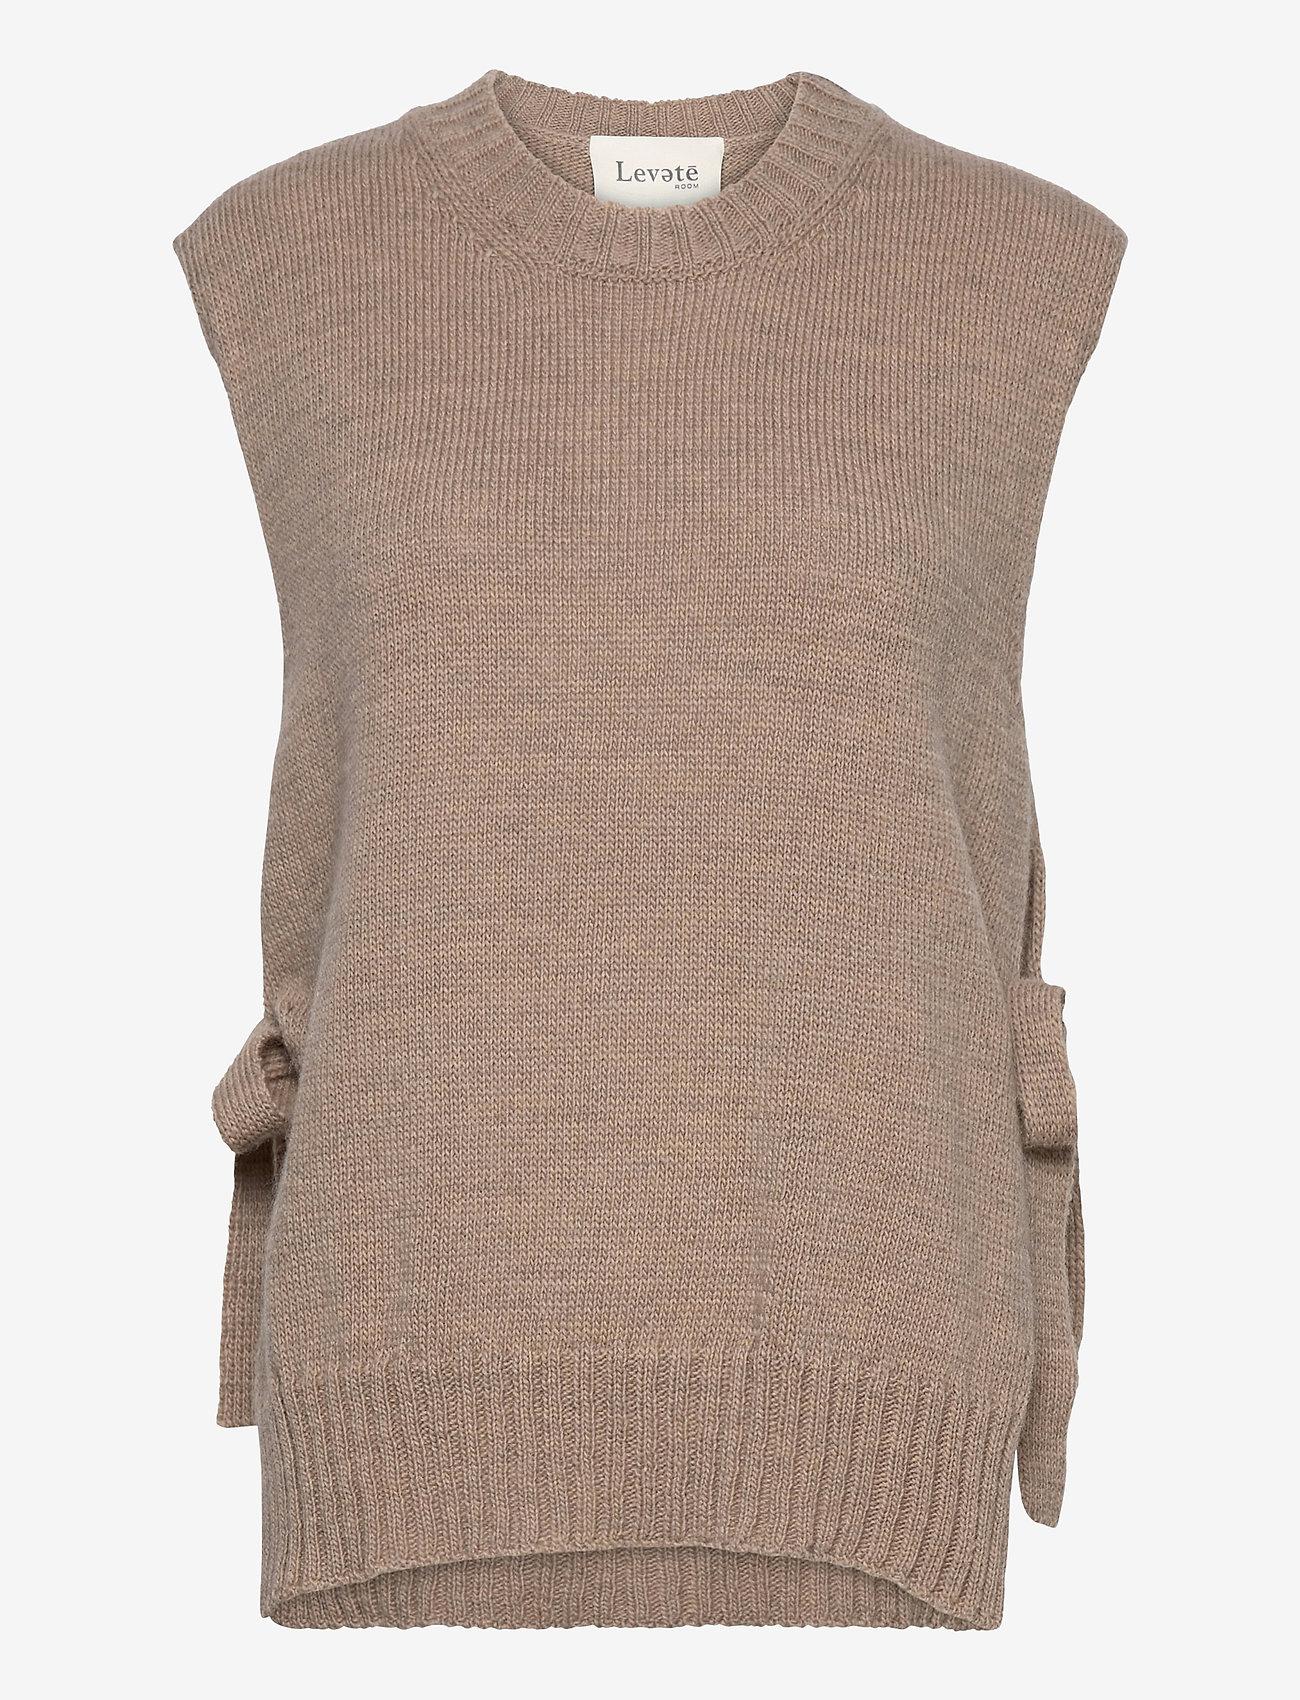 Levete Room - LR-GYMLA - knitted vests - l9825 - light beige melange - 0